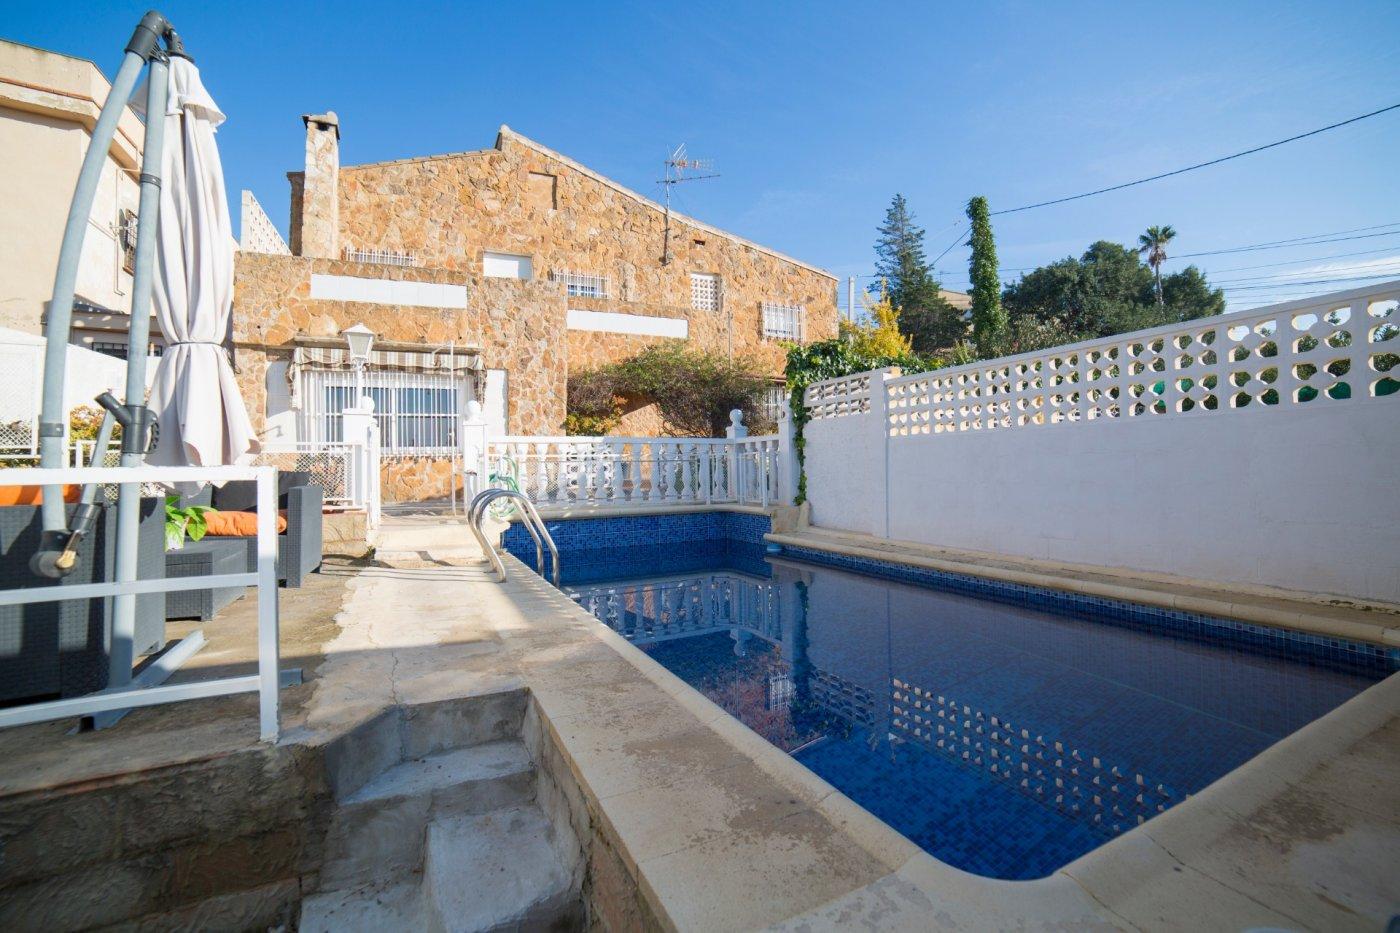 casa-con-terreno en betera · urb-el-paternero 129900€